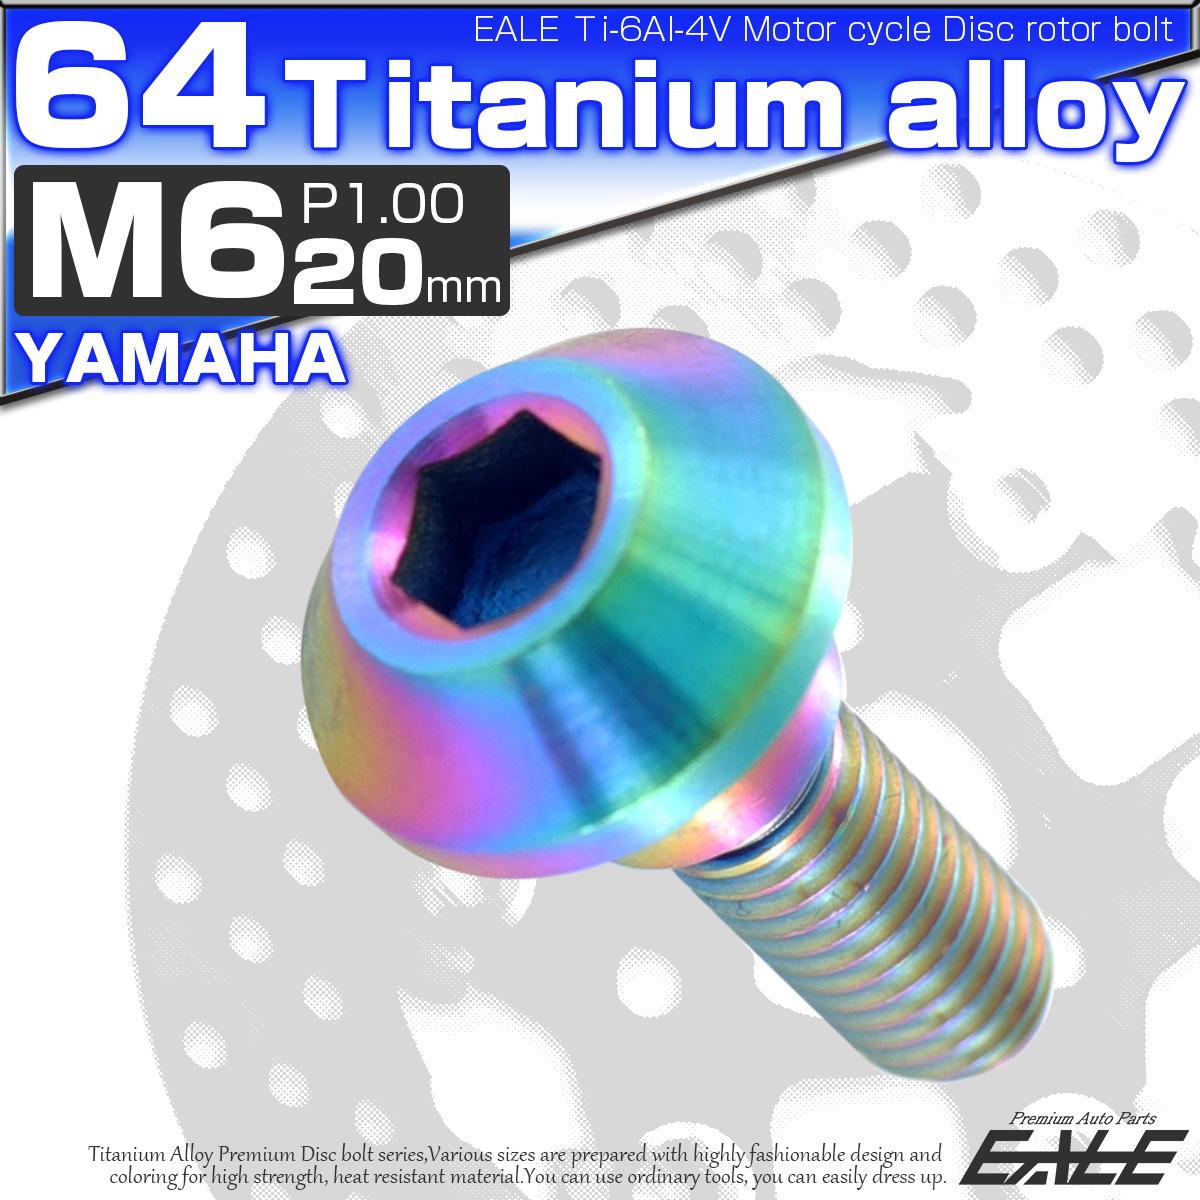 64チタン M6×20mm P=1.00 ブレーキディスク ローター ボルト ヤマハ車用 焼きチタン 虹色 JA200